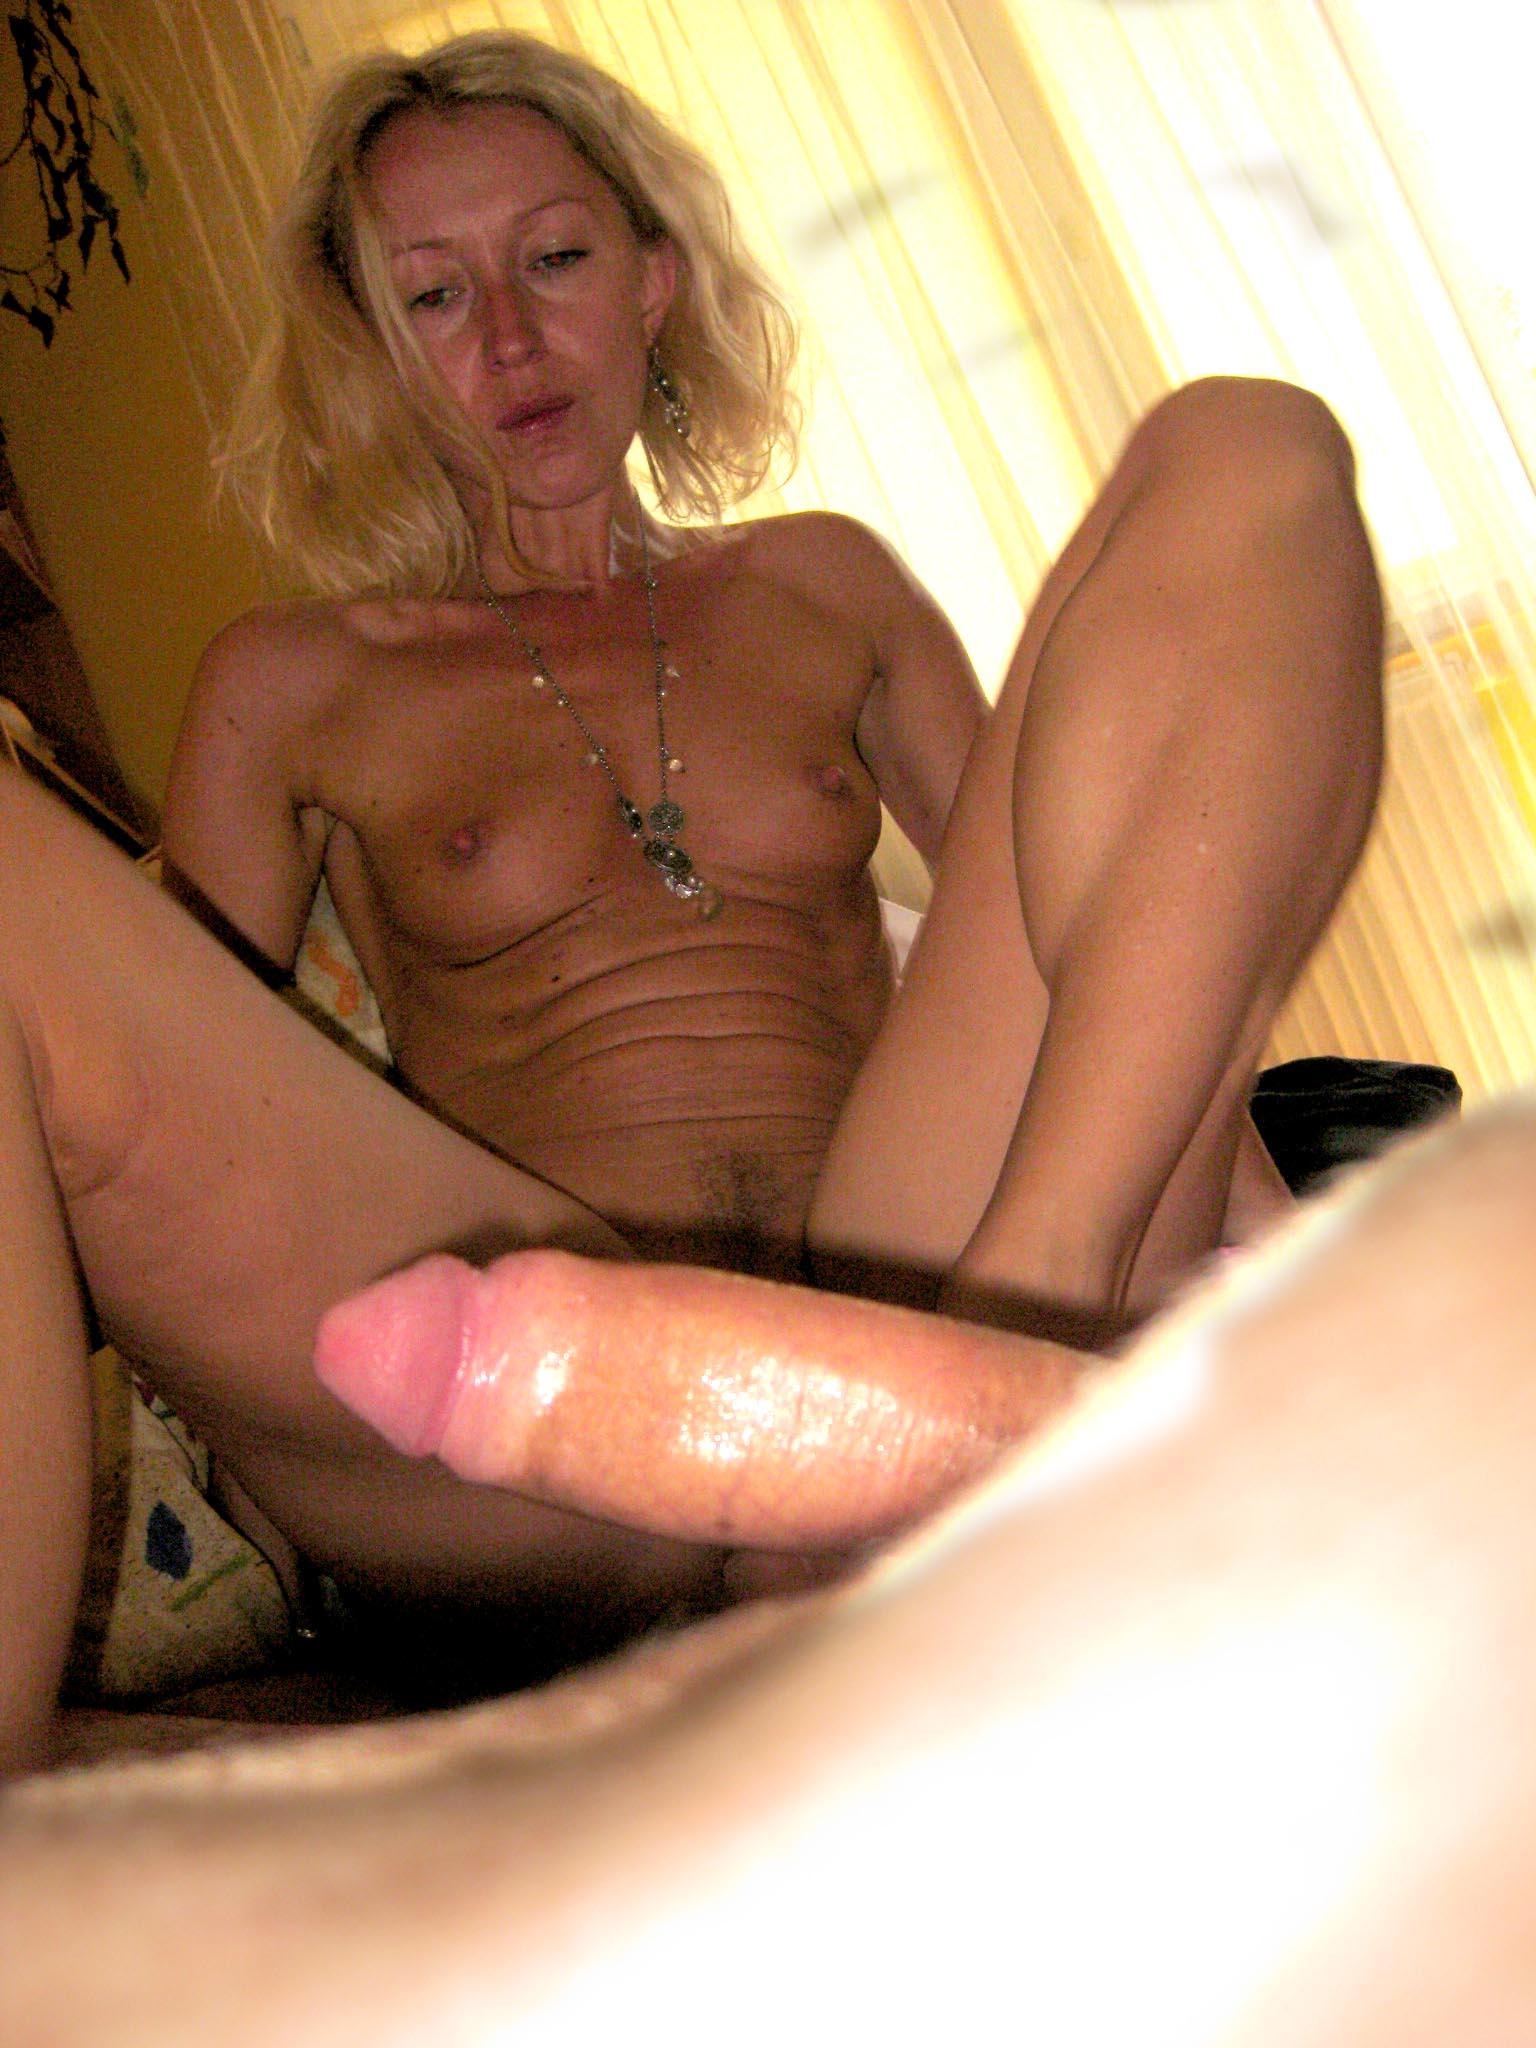 Trish bush nude